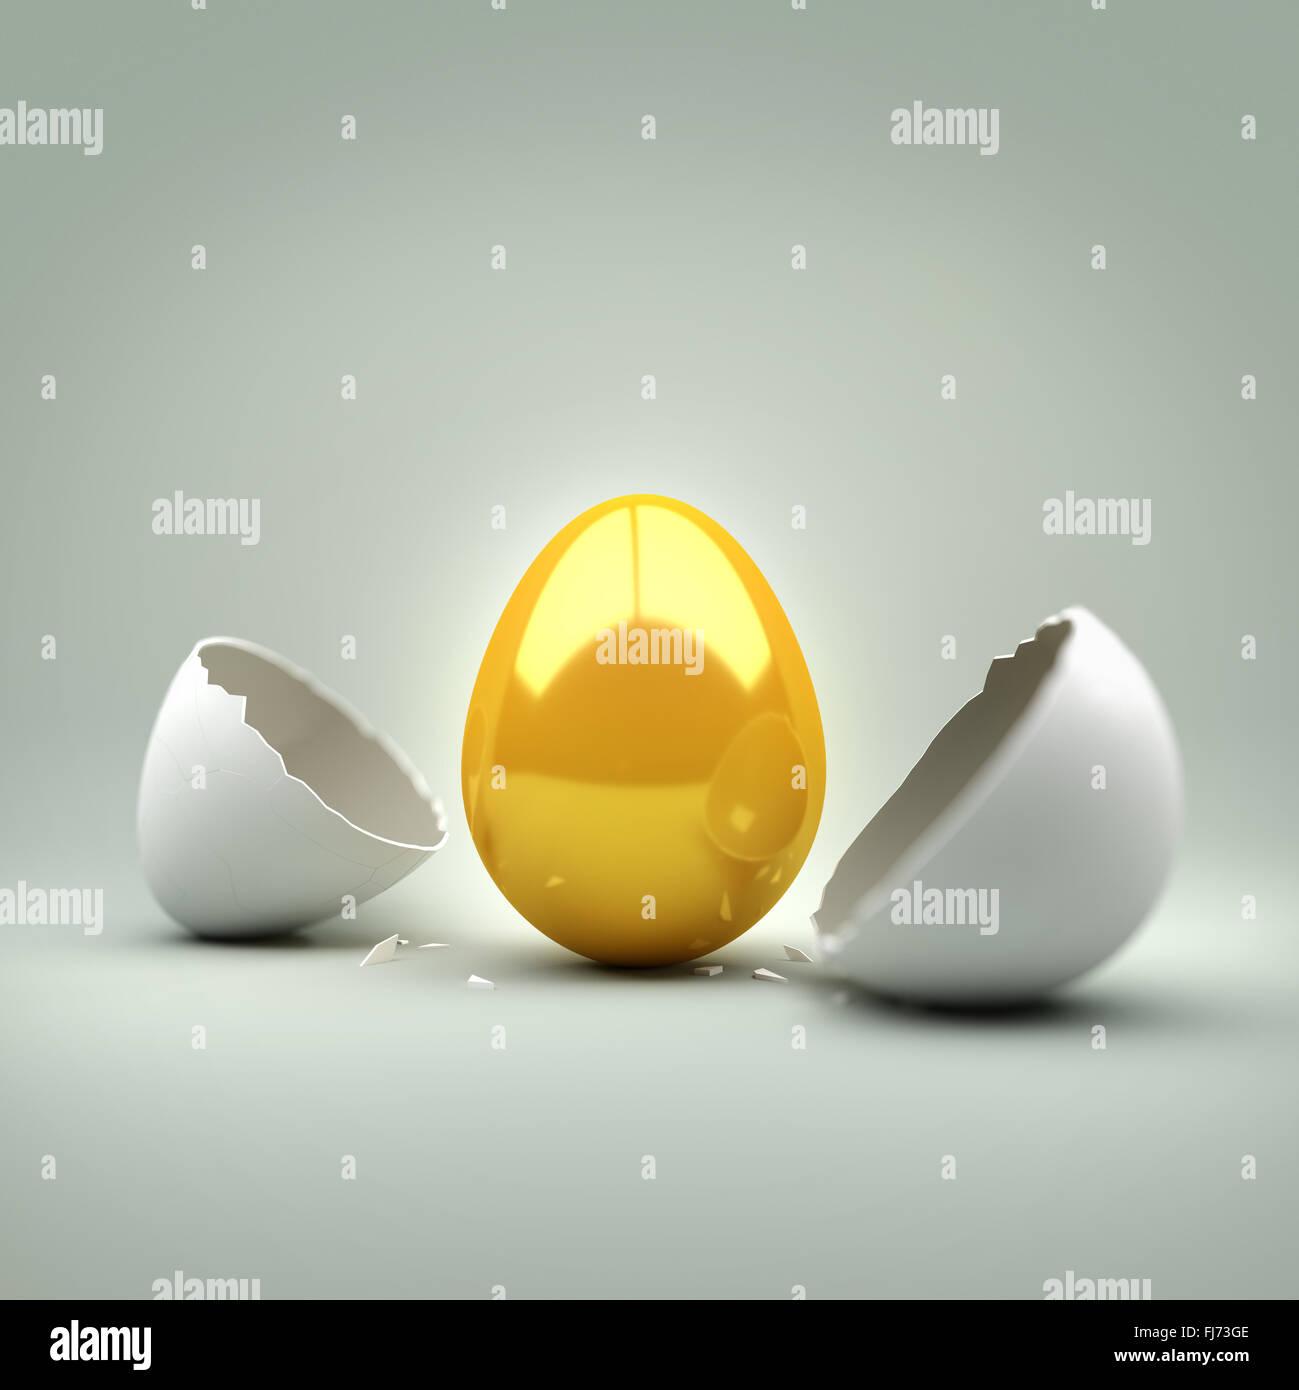 Nuevos huevos de oro. Un huevo agrietado, revelando un nuevo huevo de oro. Concepto. Imagen De Stock